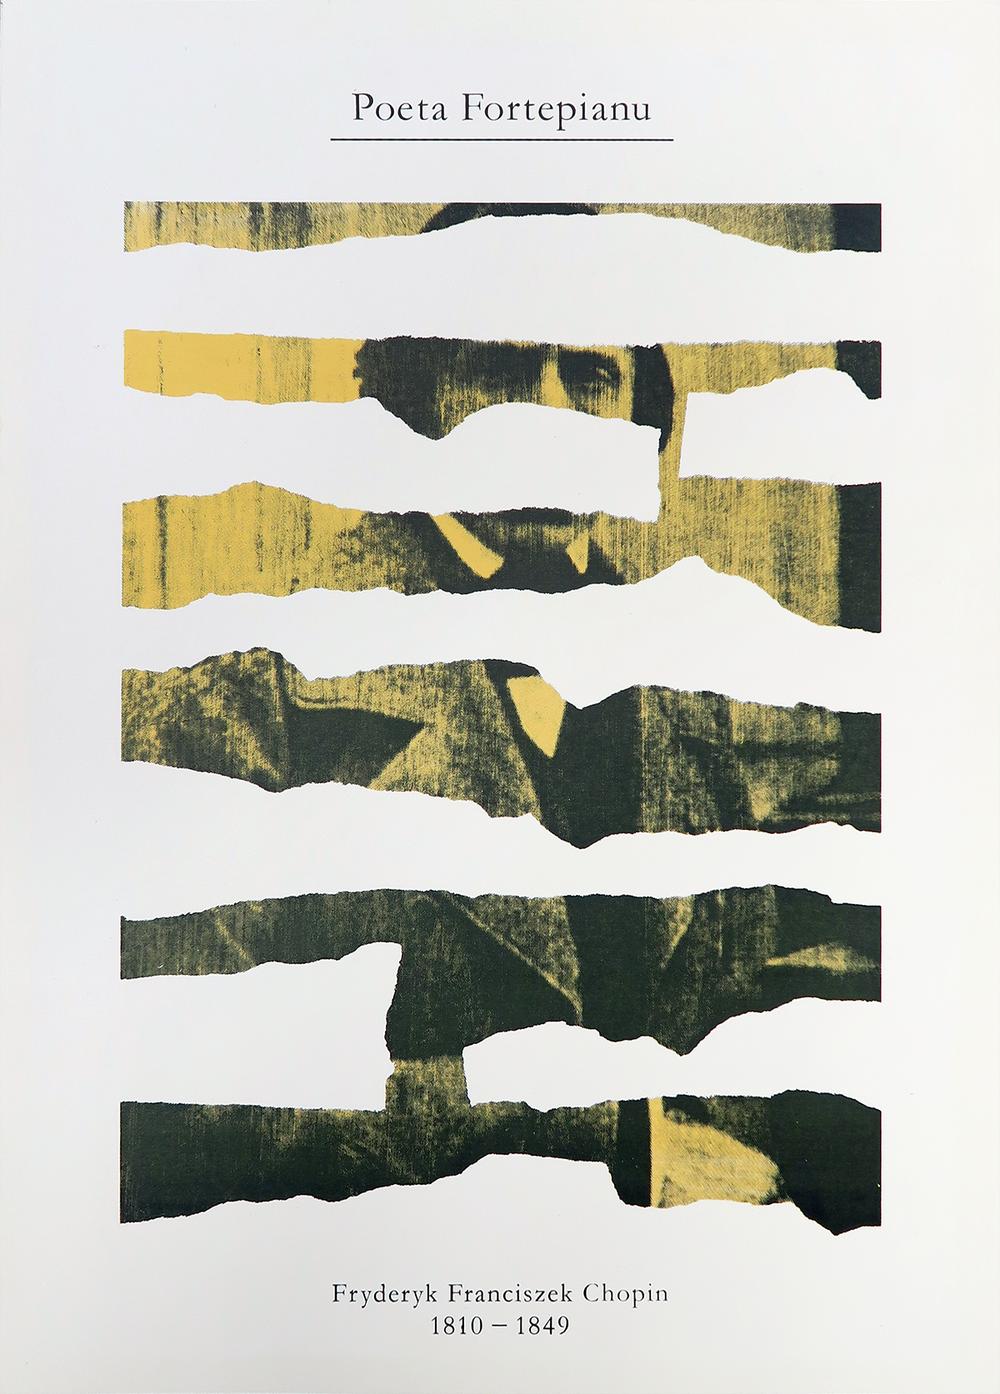 Taiji Kudeda   Poeta Fortepianu, Chopin  / Fall 2014